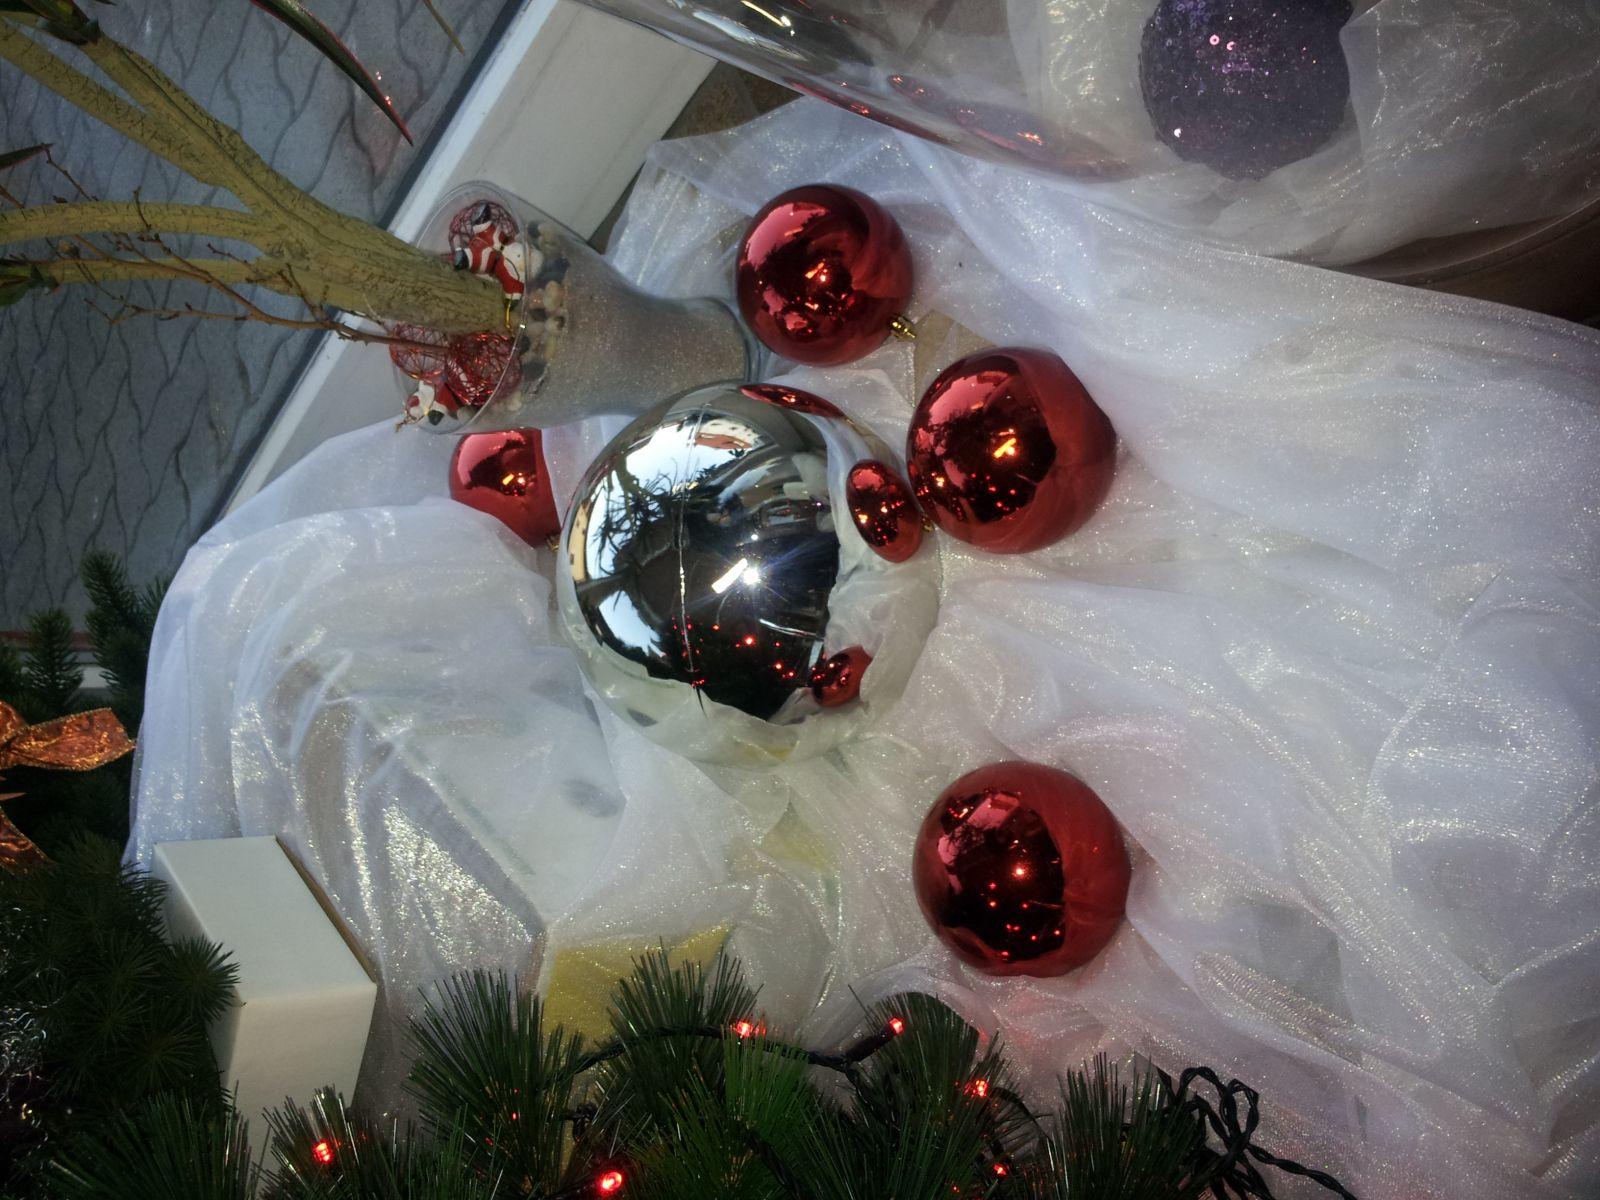 f r anspruchsvolle weihnachten im innen sowie aussenbereich geeignet dieses se k nstliche. Black Bedroom Furniture Sets. Home Design Ideas